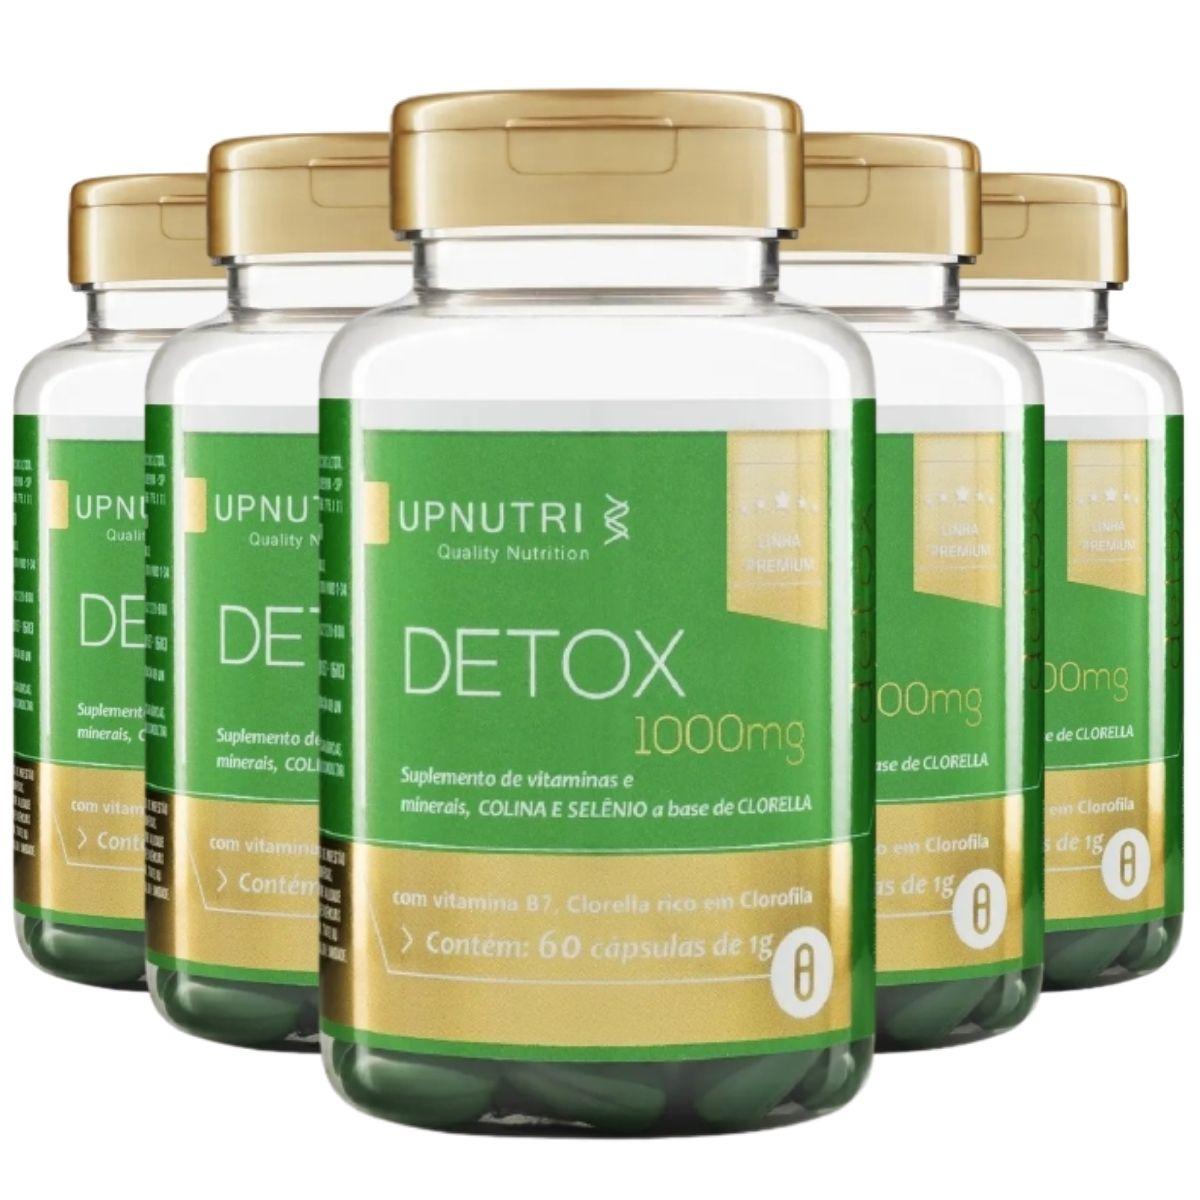 Kit 5 Detox 60 Cápsulas 1000mg Upnutri - Clorella, Colina, Selênio e Óleo de Cártamo